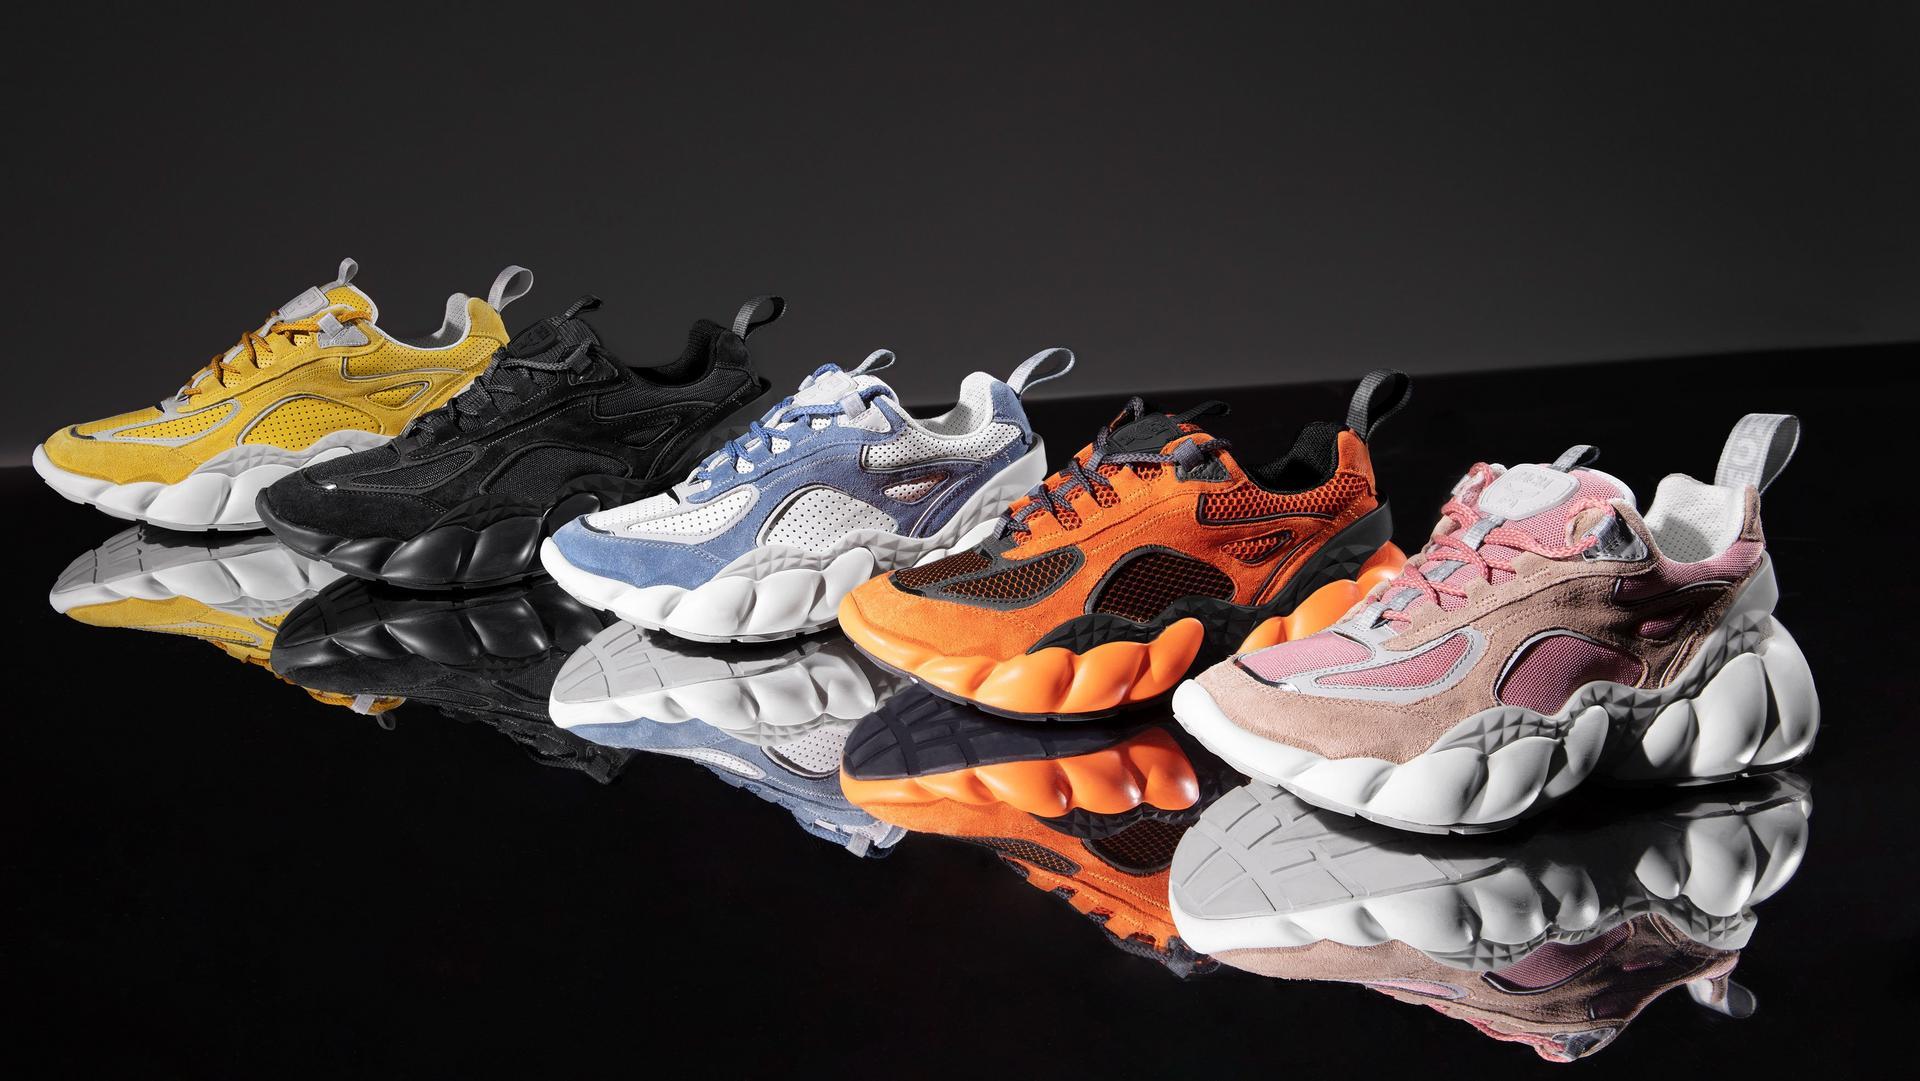 Himmel Sneaker Drop